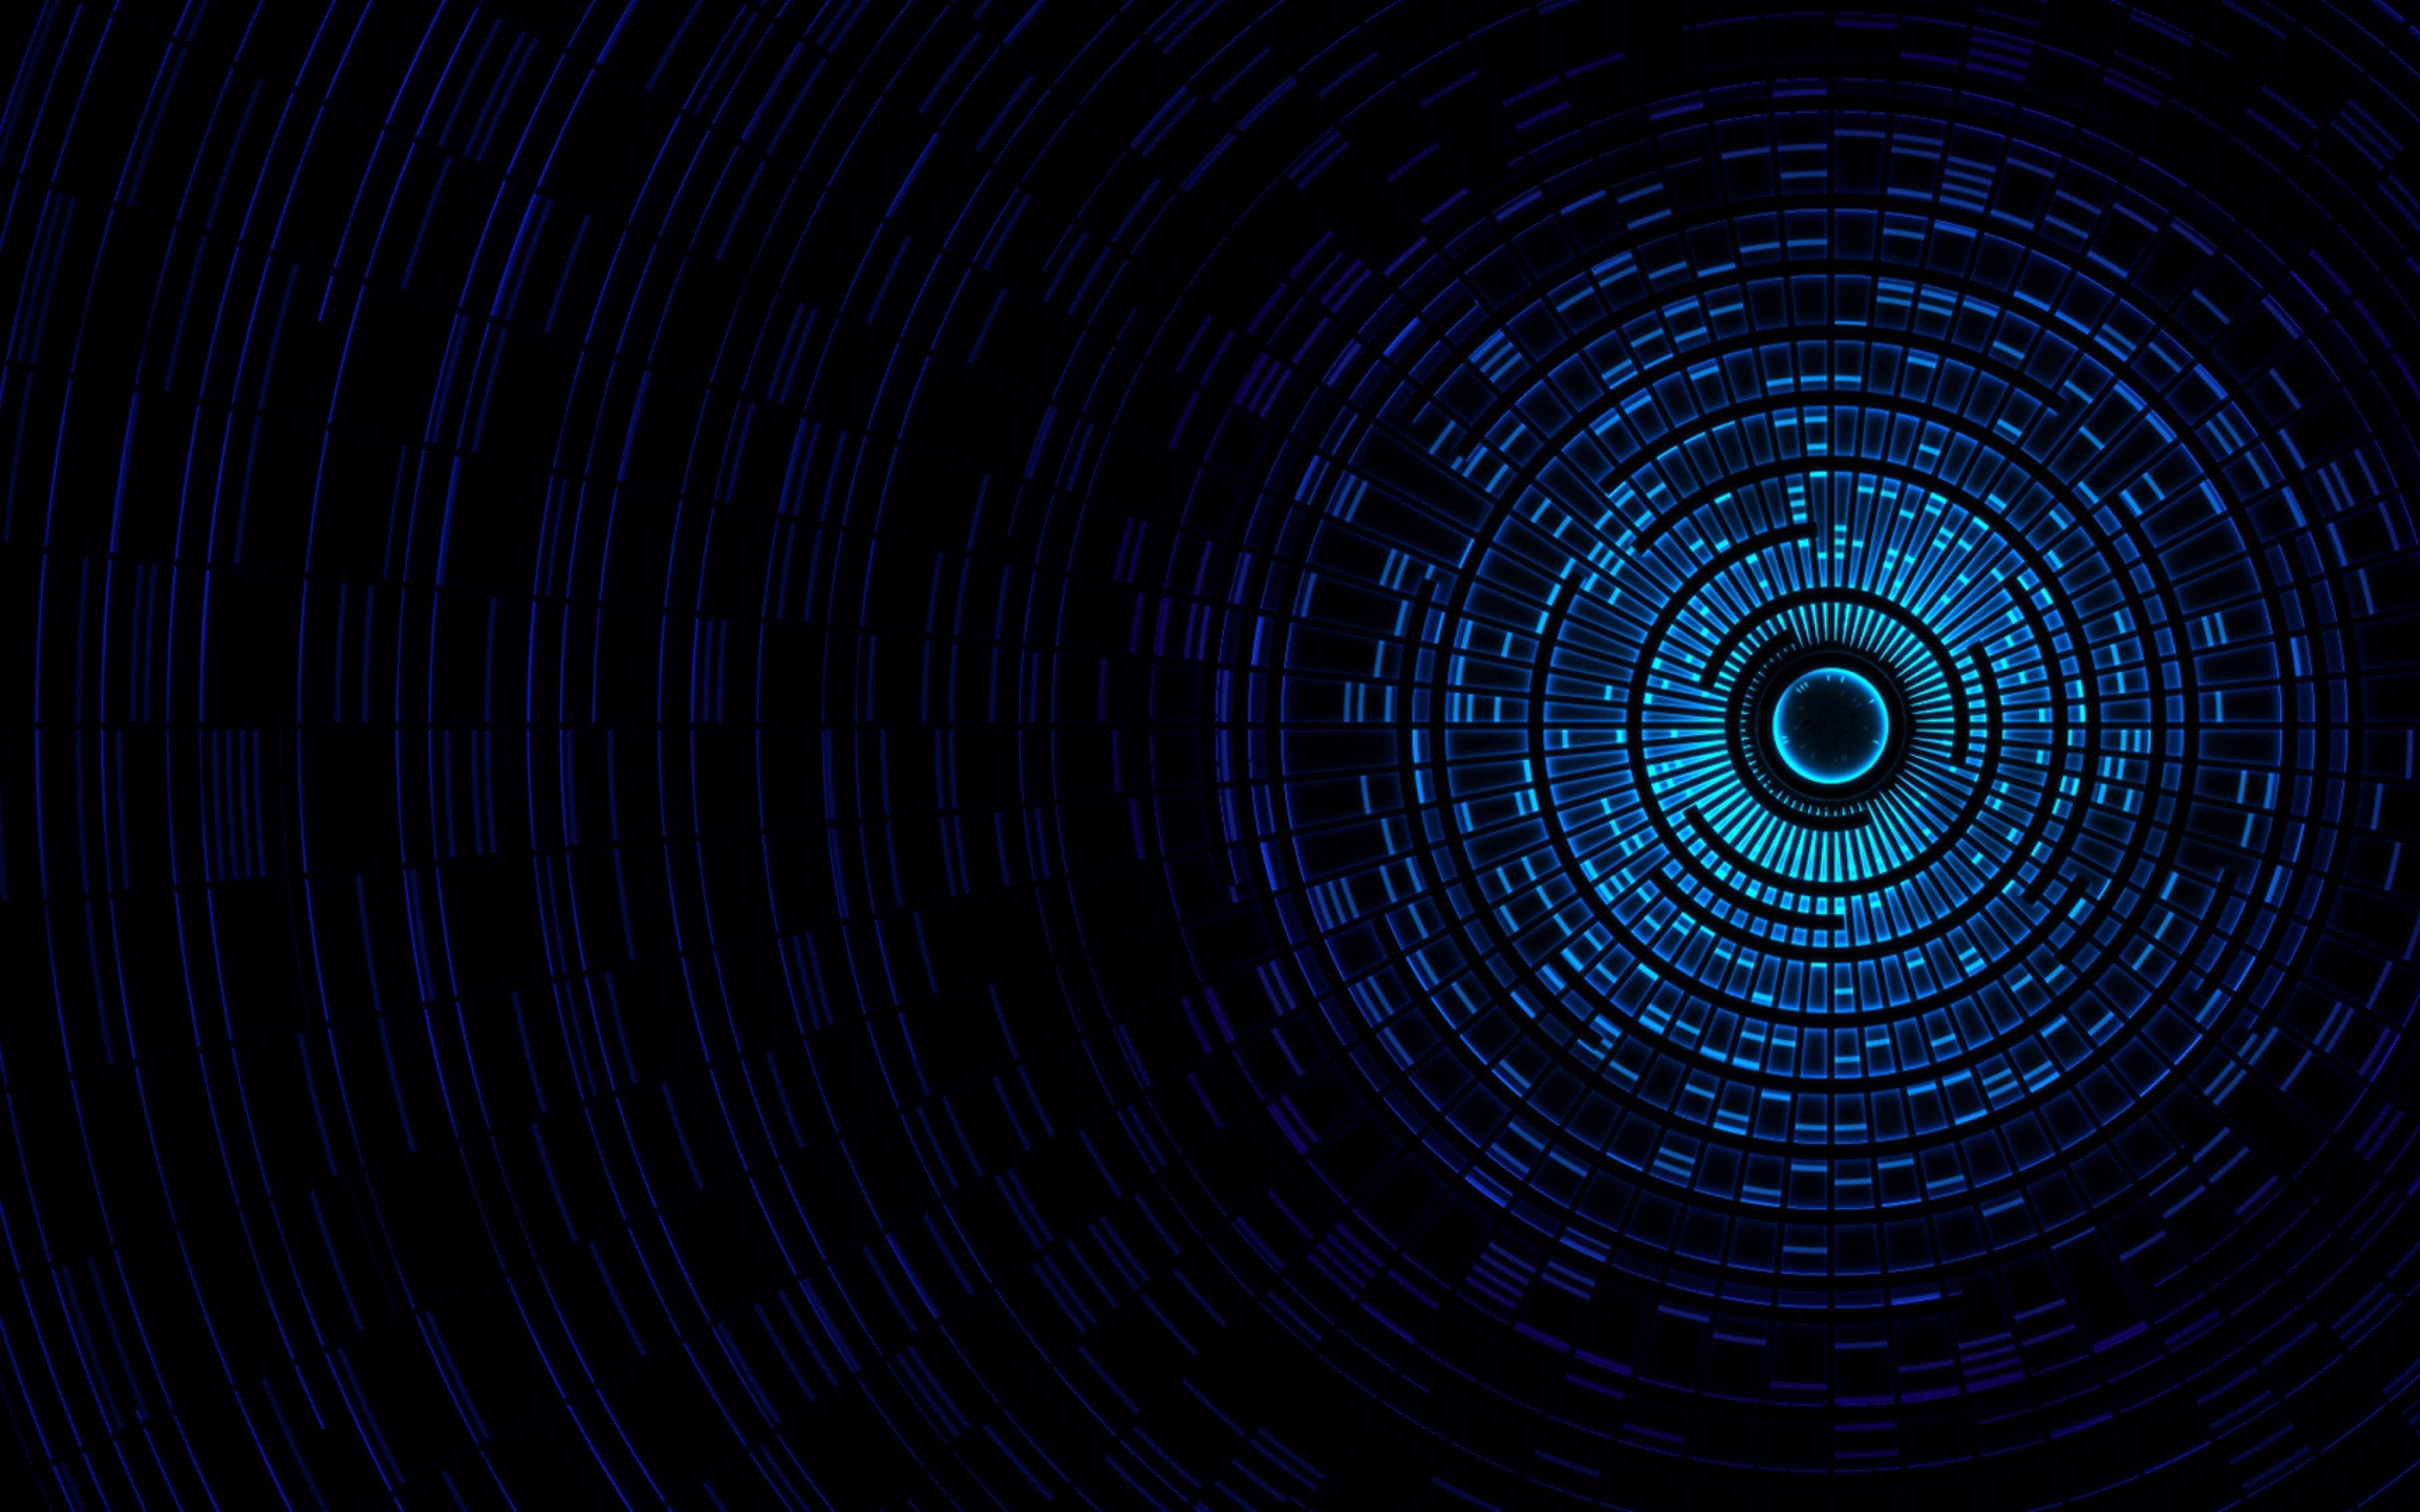 Blue Circle Pattern Abstract Design Texture Wallpaper WallpapersByte 3840x2400